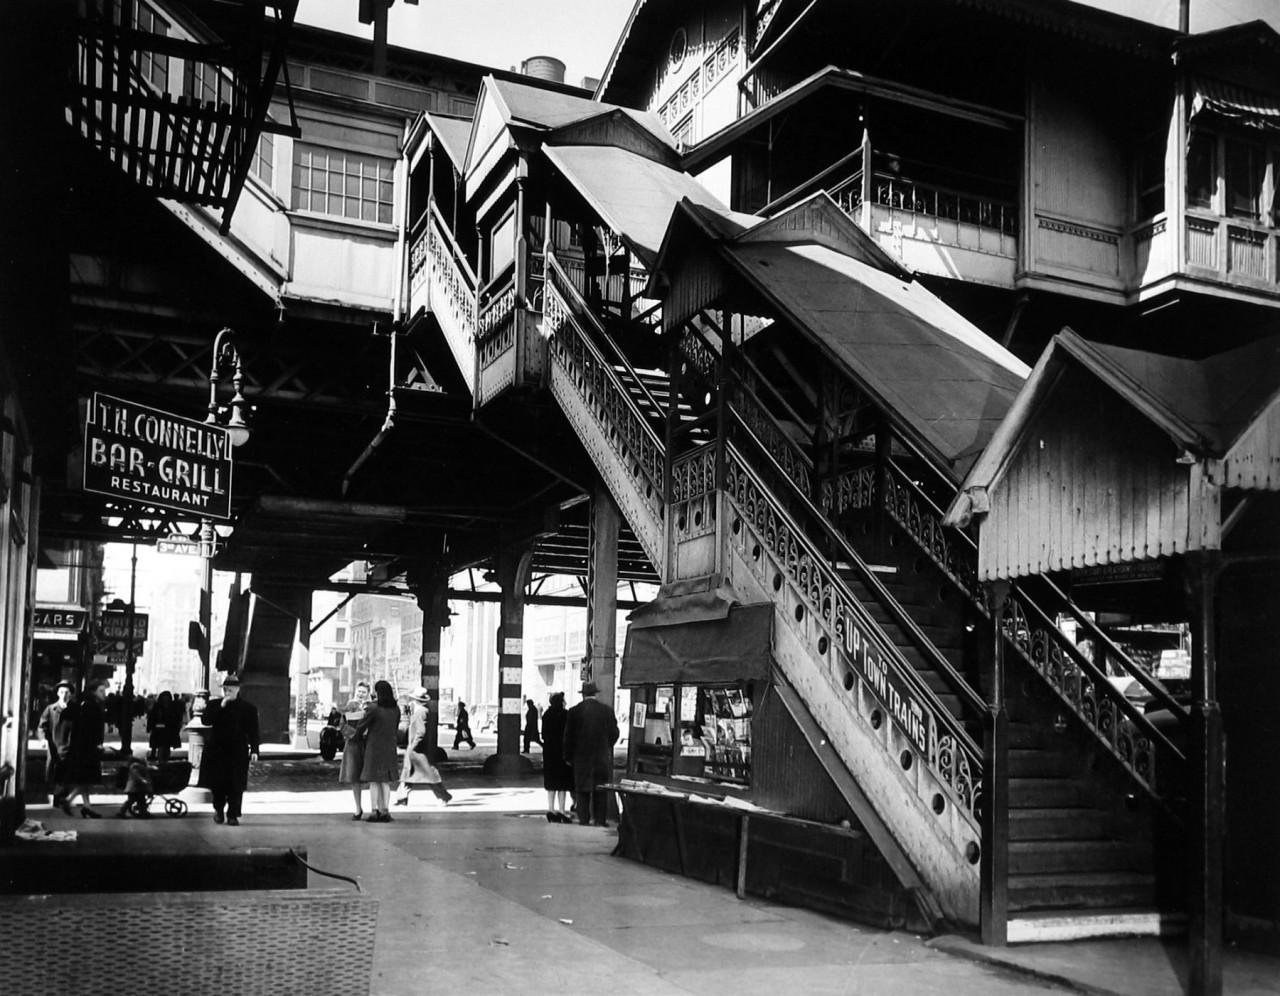 Третья авеню, Нью-Йорк, 1936. Фотограф Арнольд Игл